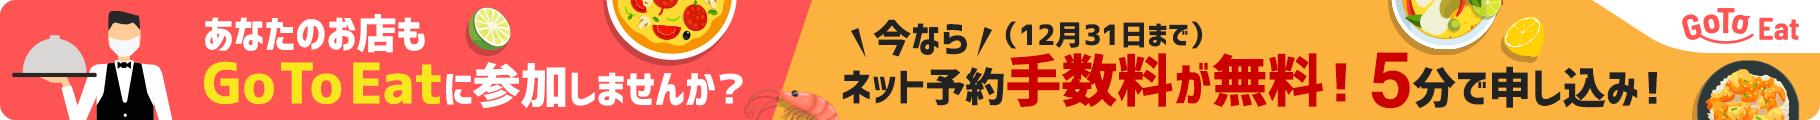 あなたのお店もGo To Eatに参加しませんか? 今ならネット予約手数料が無料!(2020年12月31日まで) 5分でお申し込み!